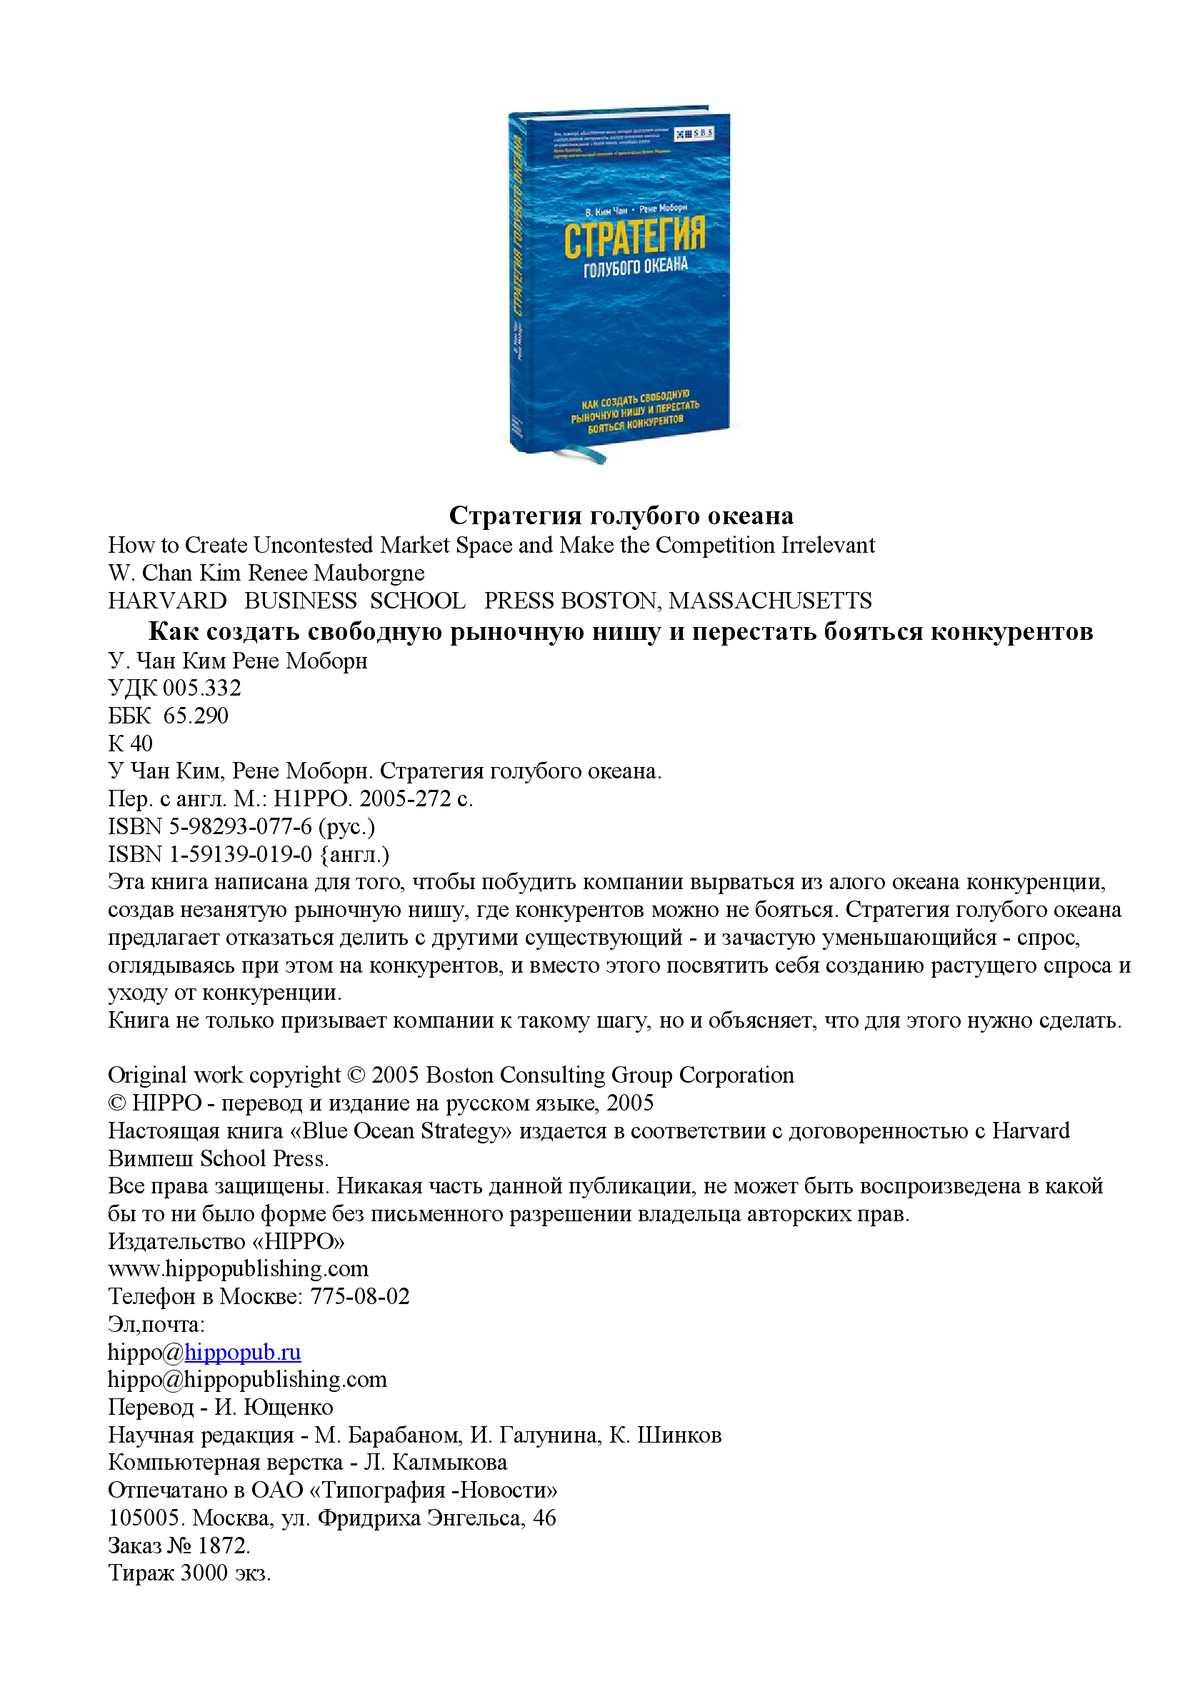 Calaméo - Стратегия голубого океана 82d01e24232